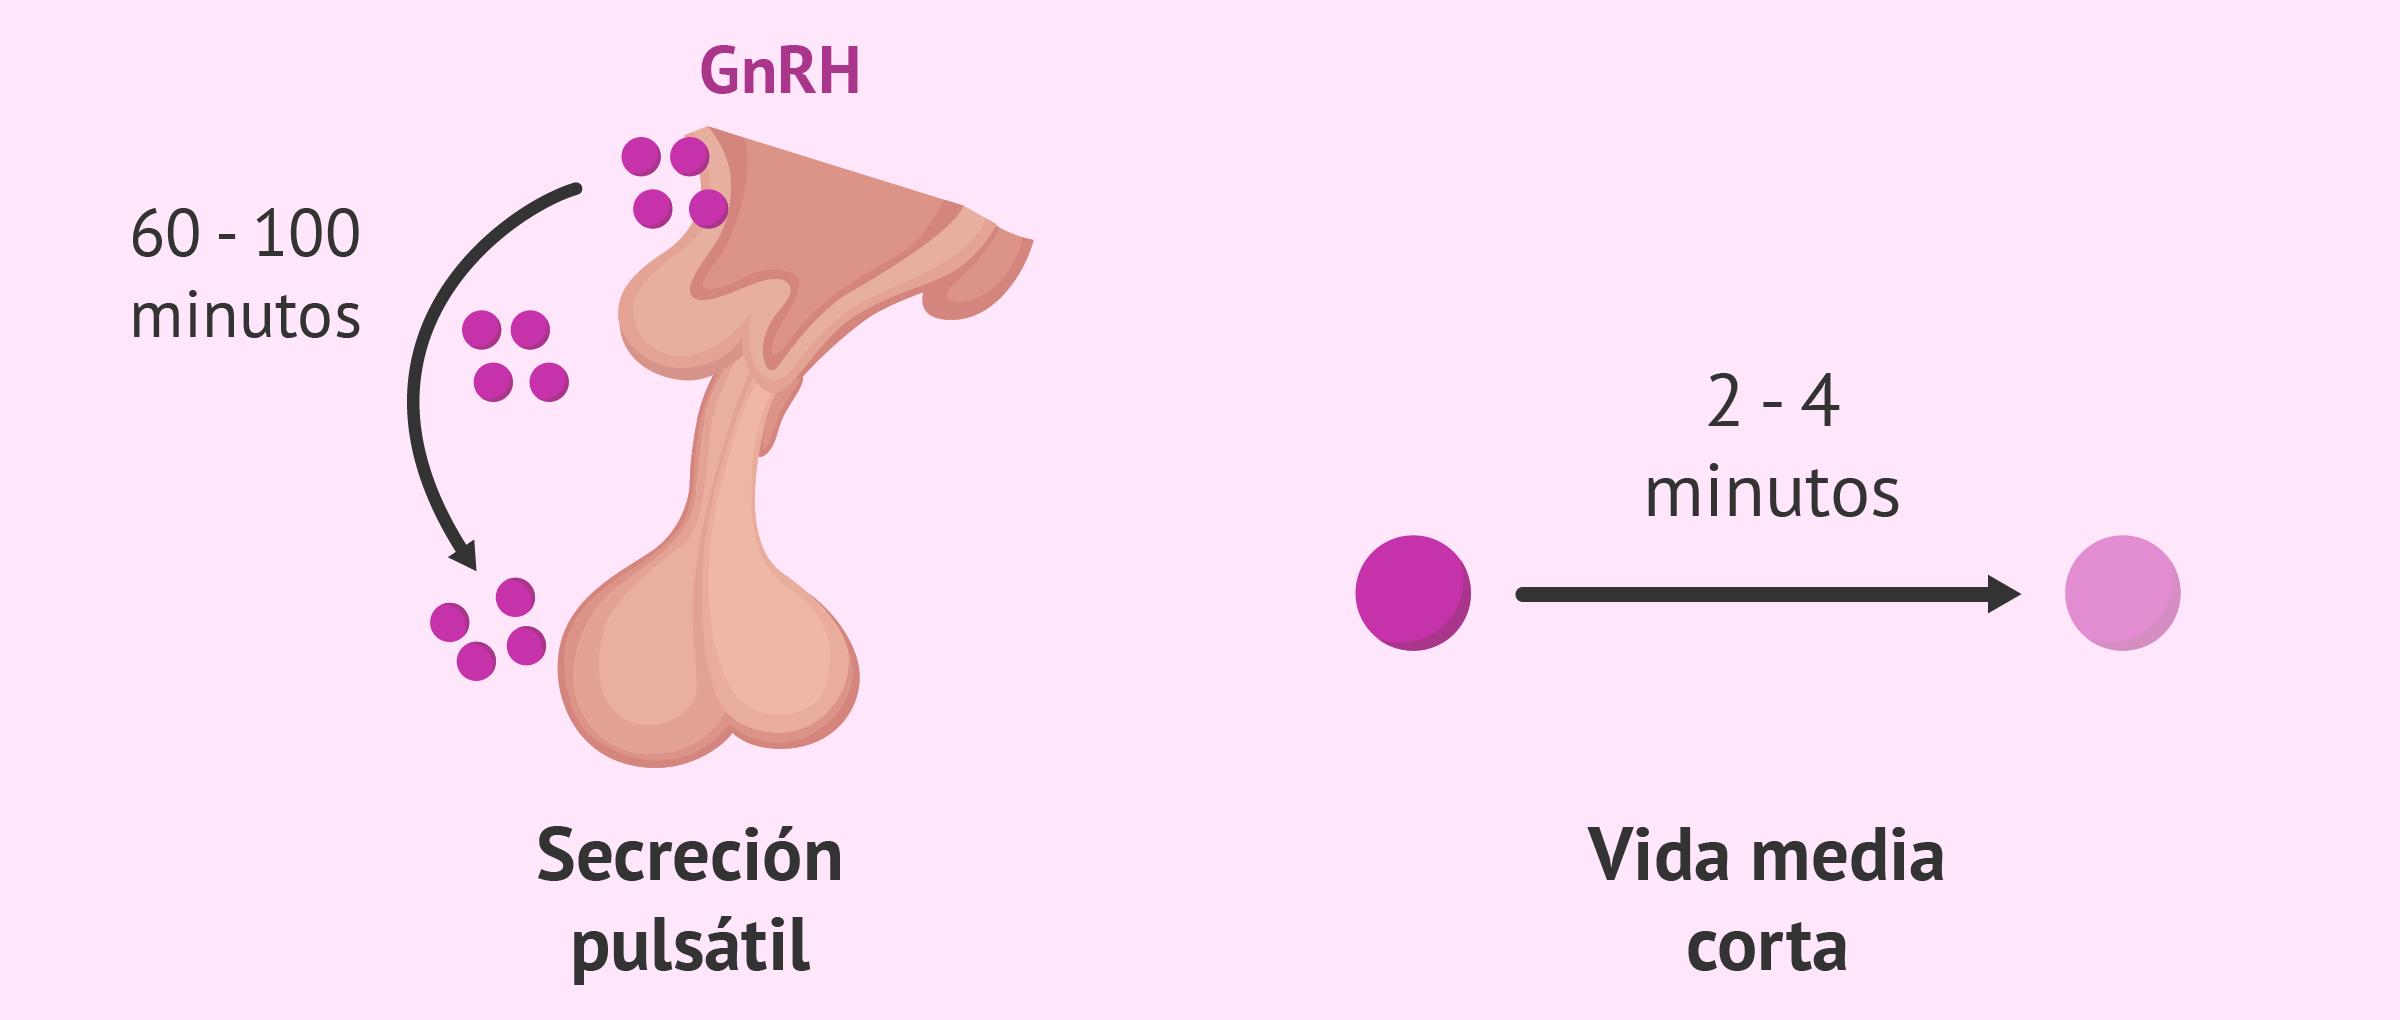 Características de la GnRH